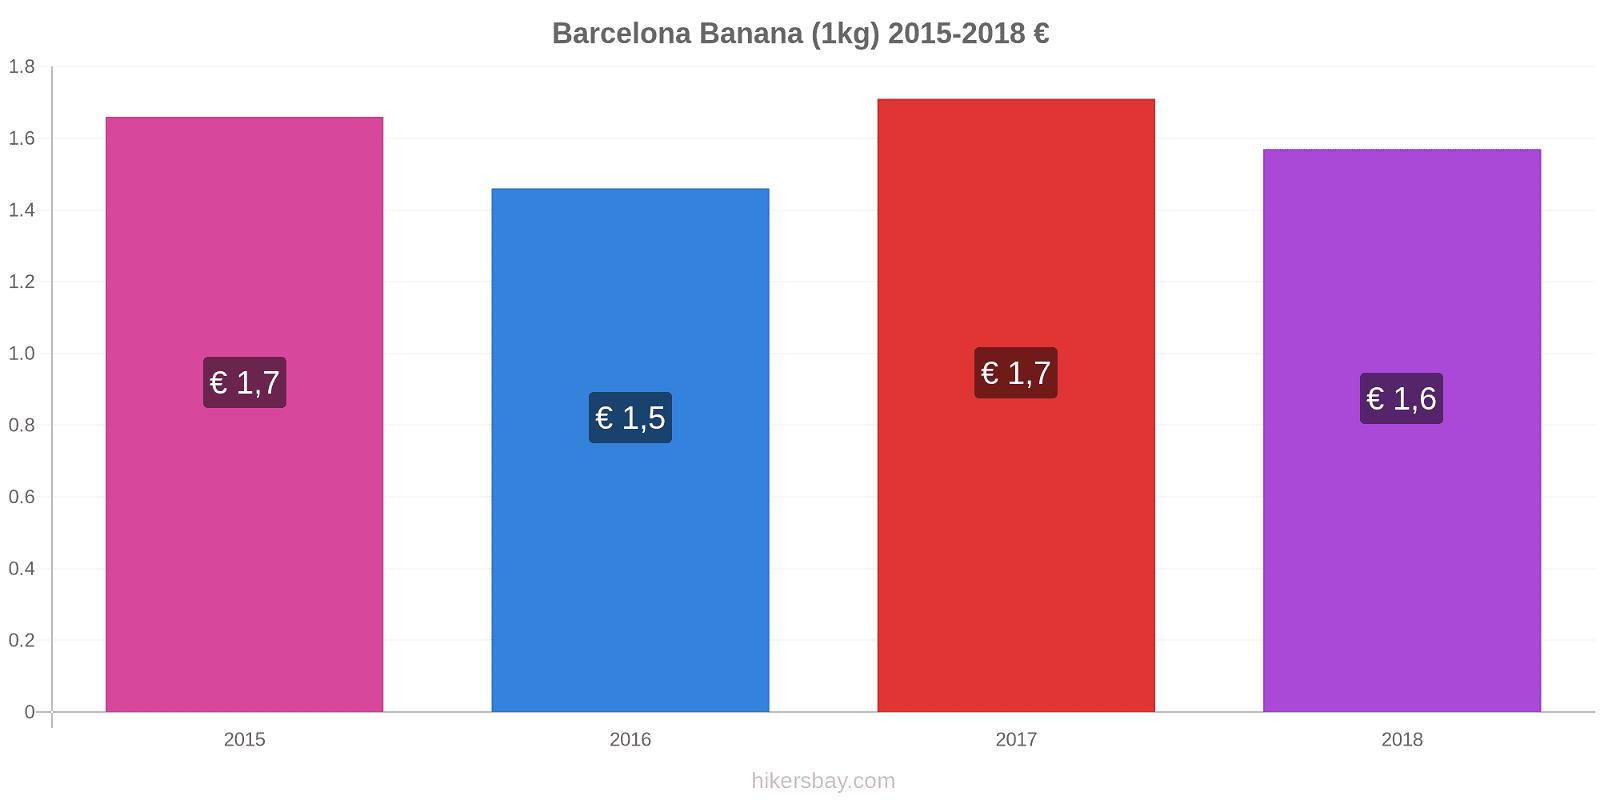 Barcelona variação de preço Banana (1kg) hikersbay.com